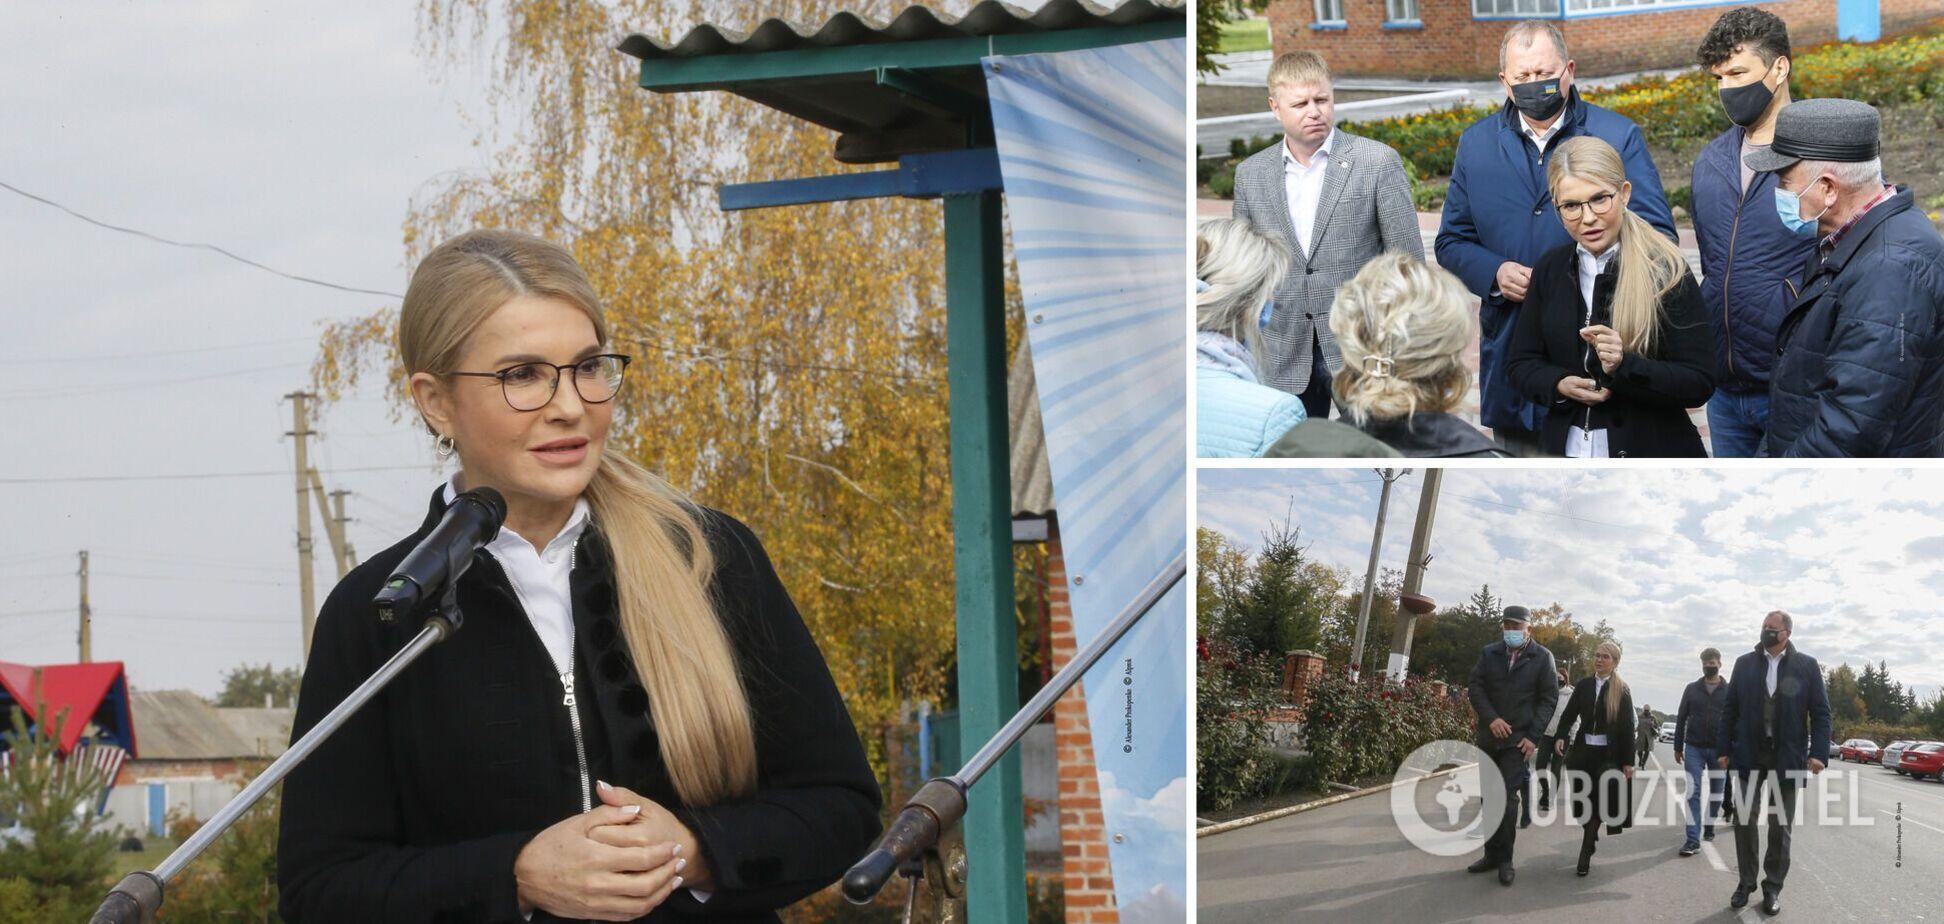 Тимошенко провела брифинг в Тростянце по итогам встреч с мэрами нескольких городов Сумщины